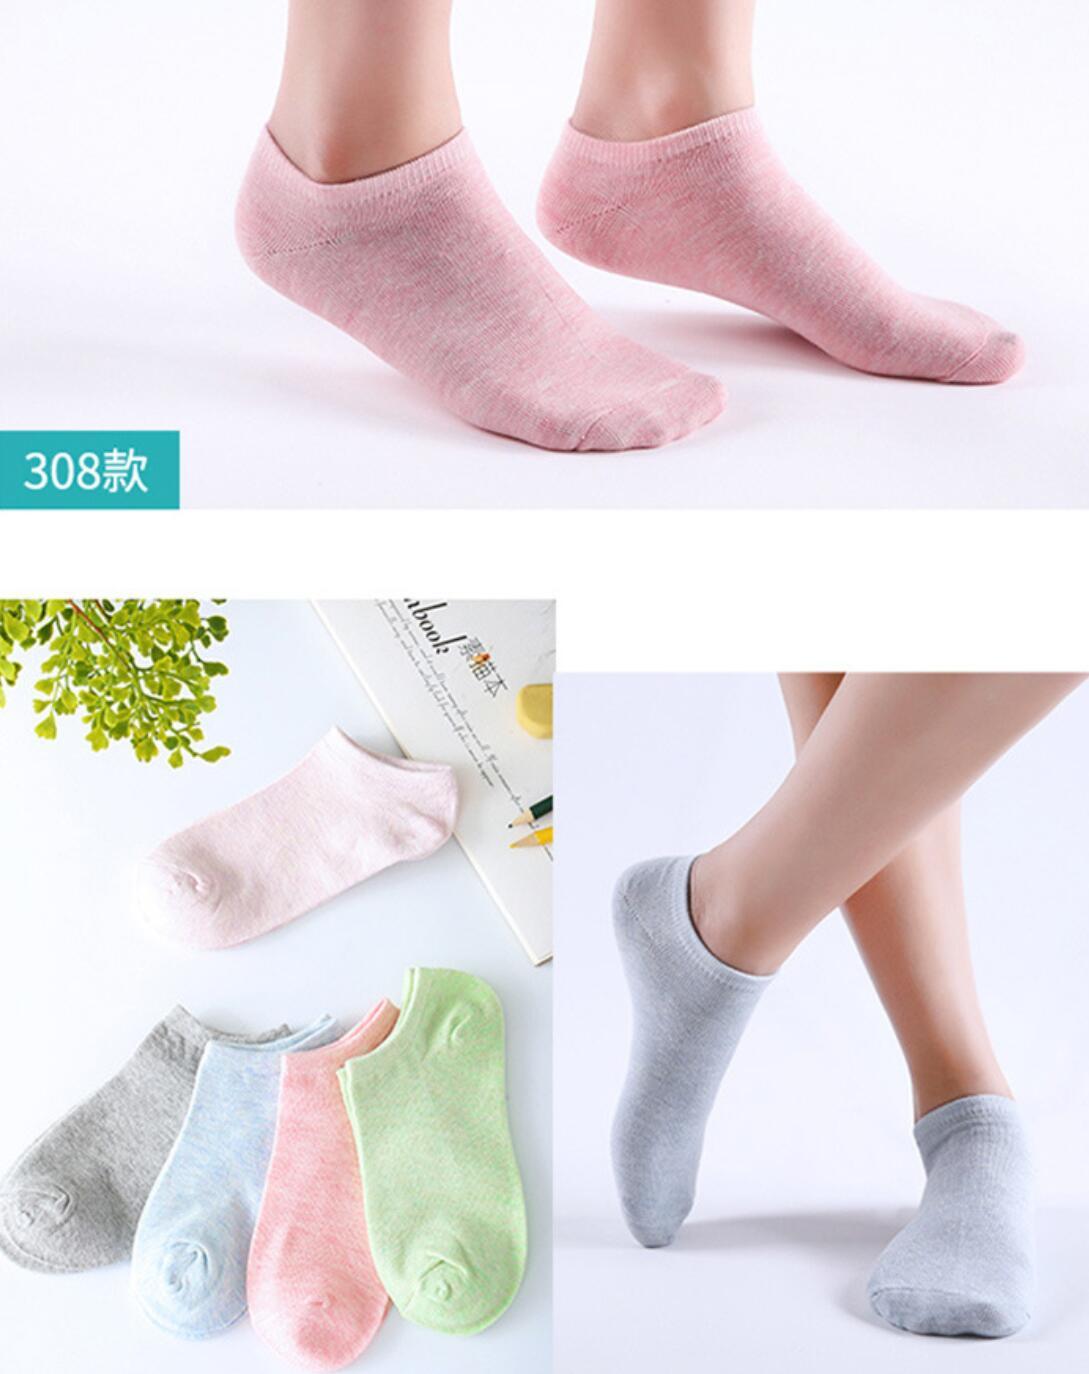 NOUVEAU 2018 Mode Printemps Coton Femmes de Chaussettes 9-88 Femmes Solide Couleur Unie chaussettes courtes W093-01-W093-05